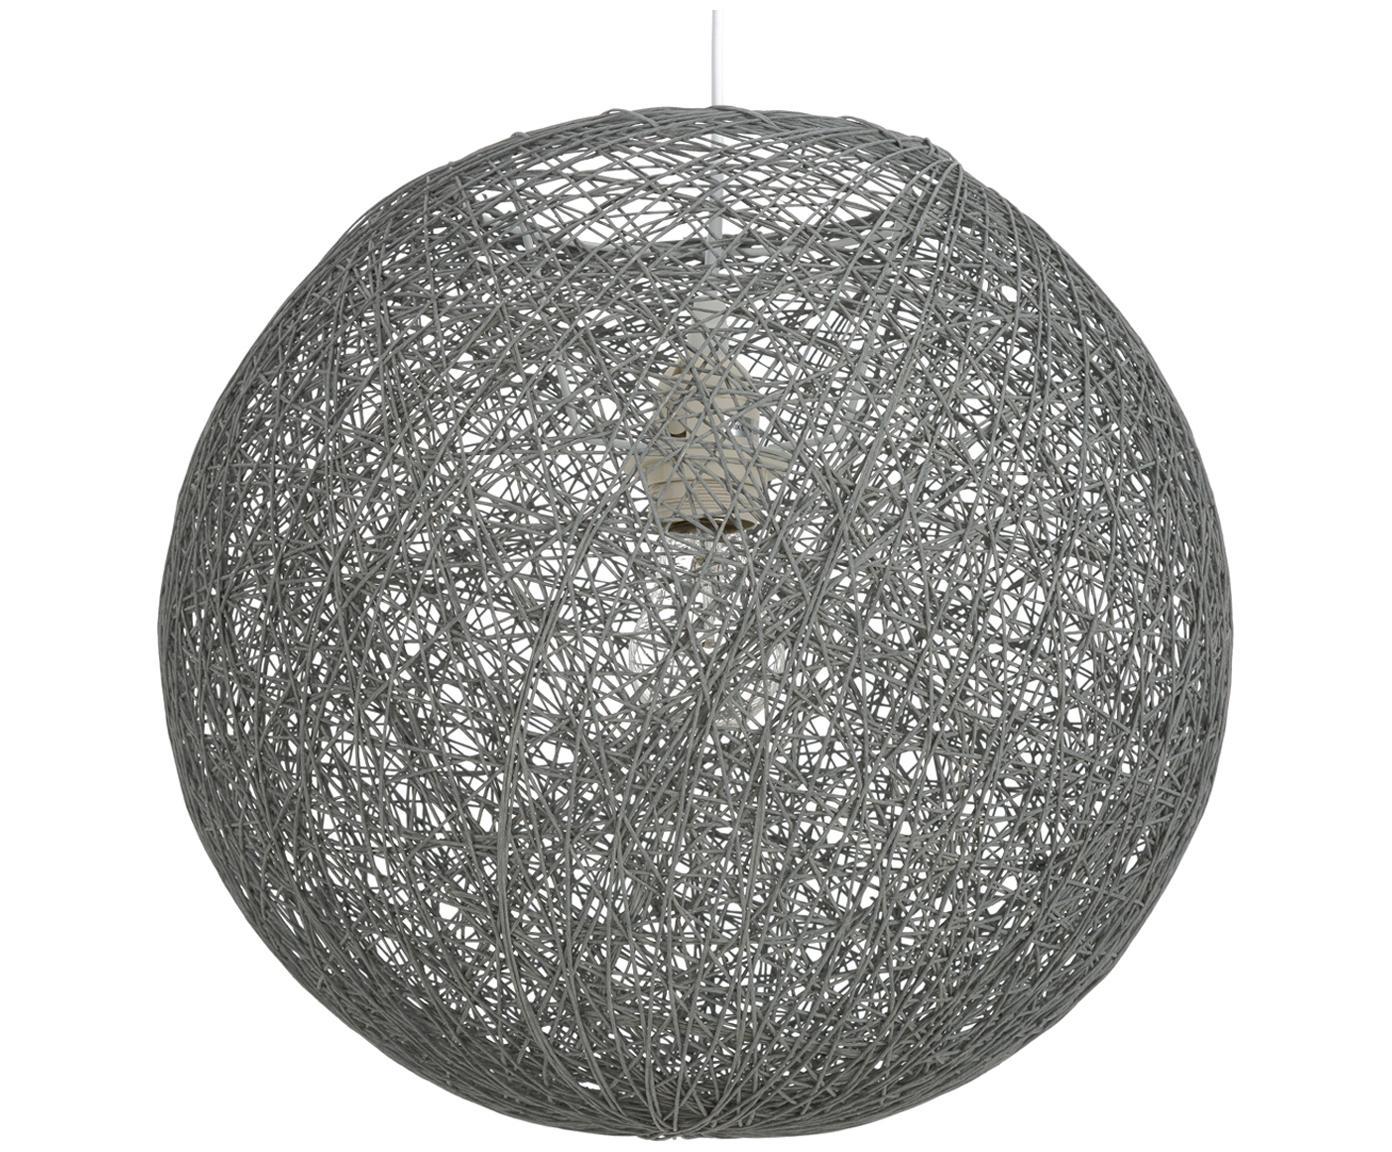 Pendelleuchte Tvist aus Papier, Lampenschirm: Papier, Baldachin: Kunststoff, Grau, Ø 38 x H 36 cm